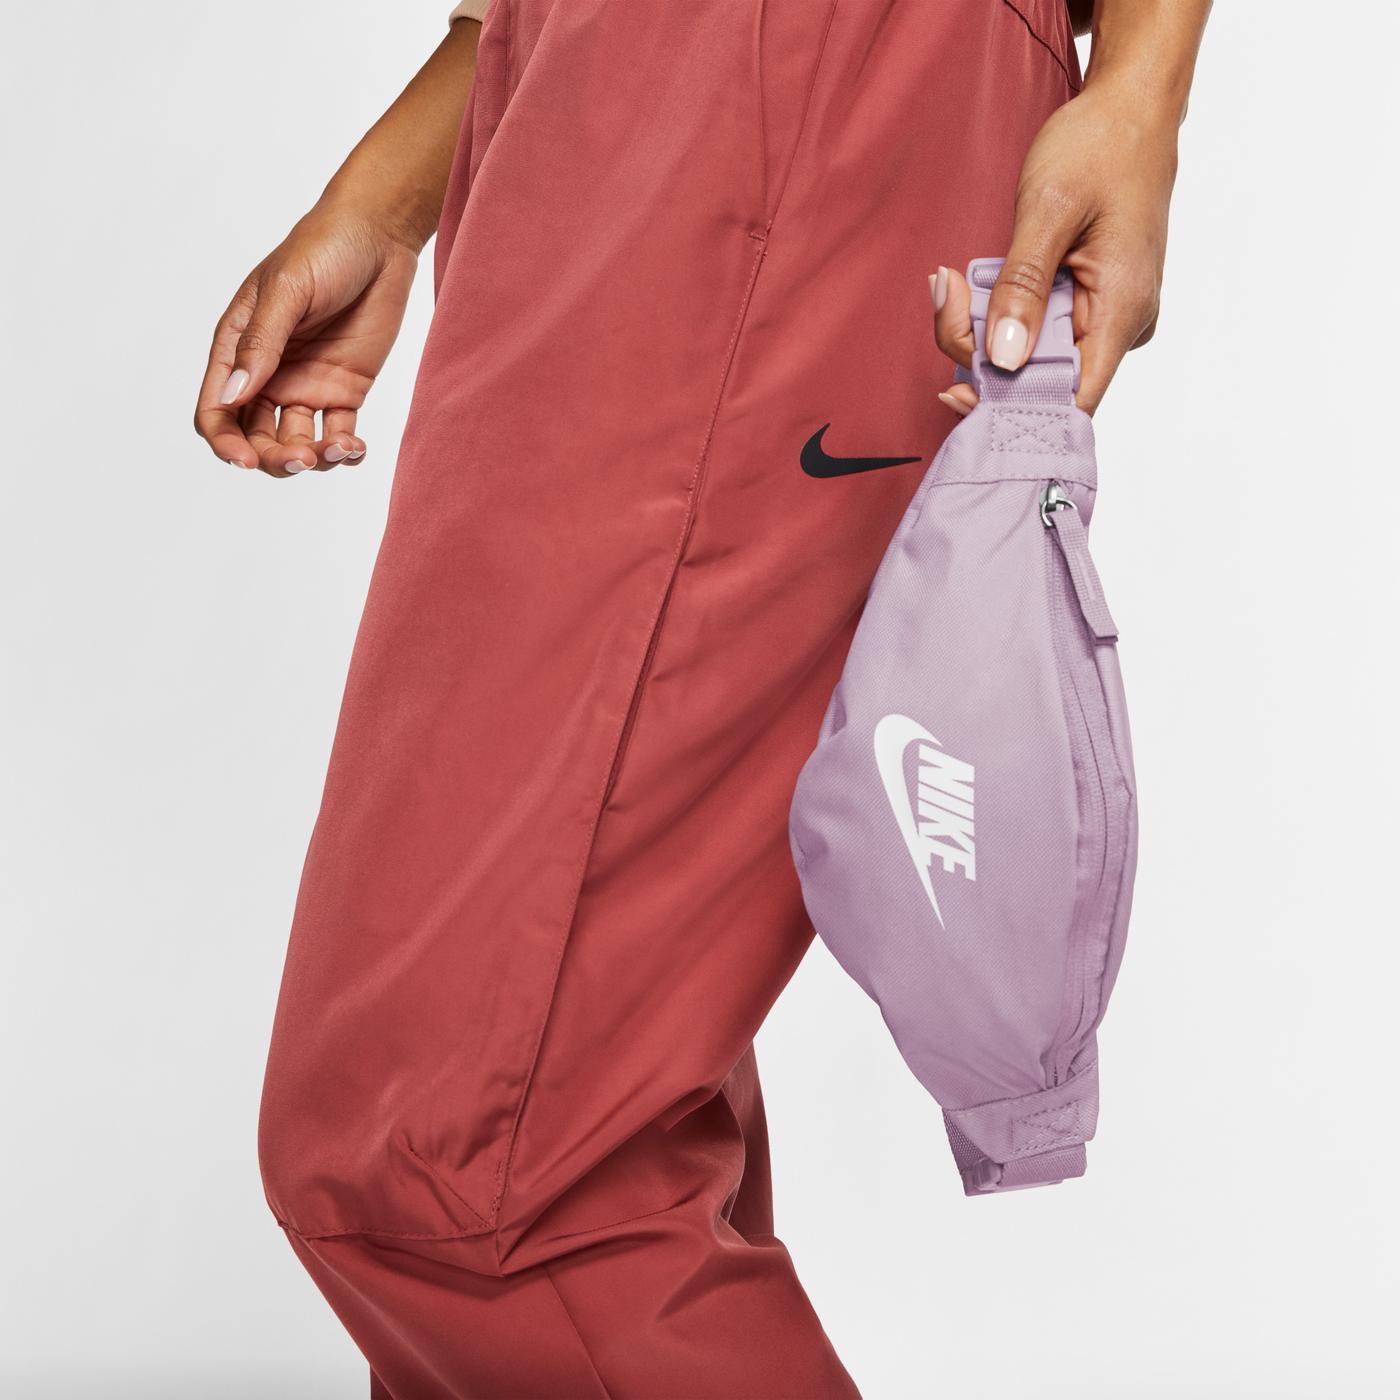 Nike Heritage Kadın Mor Bel Çantası